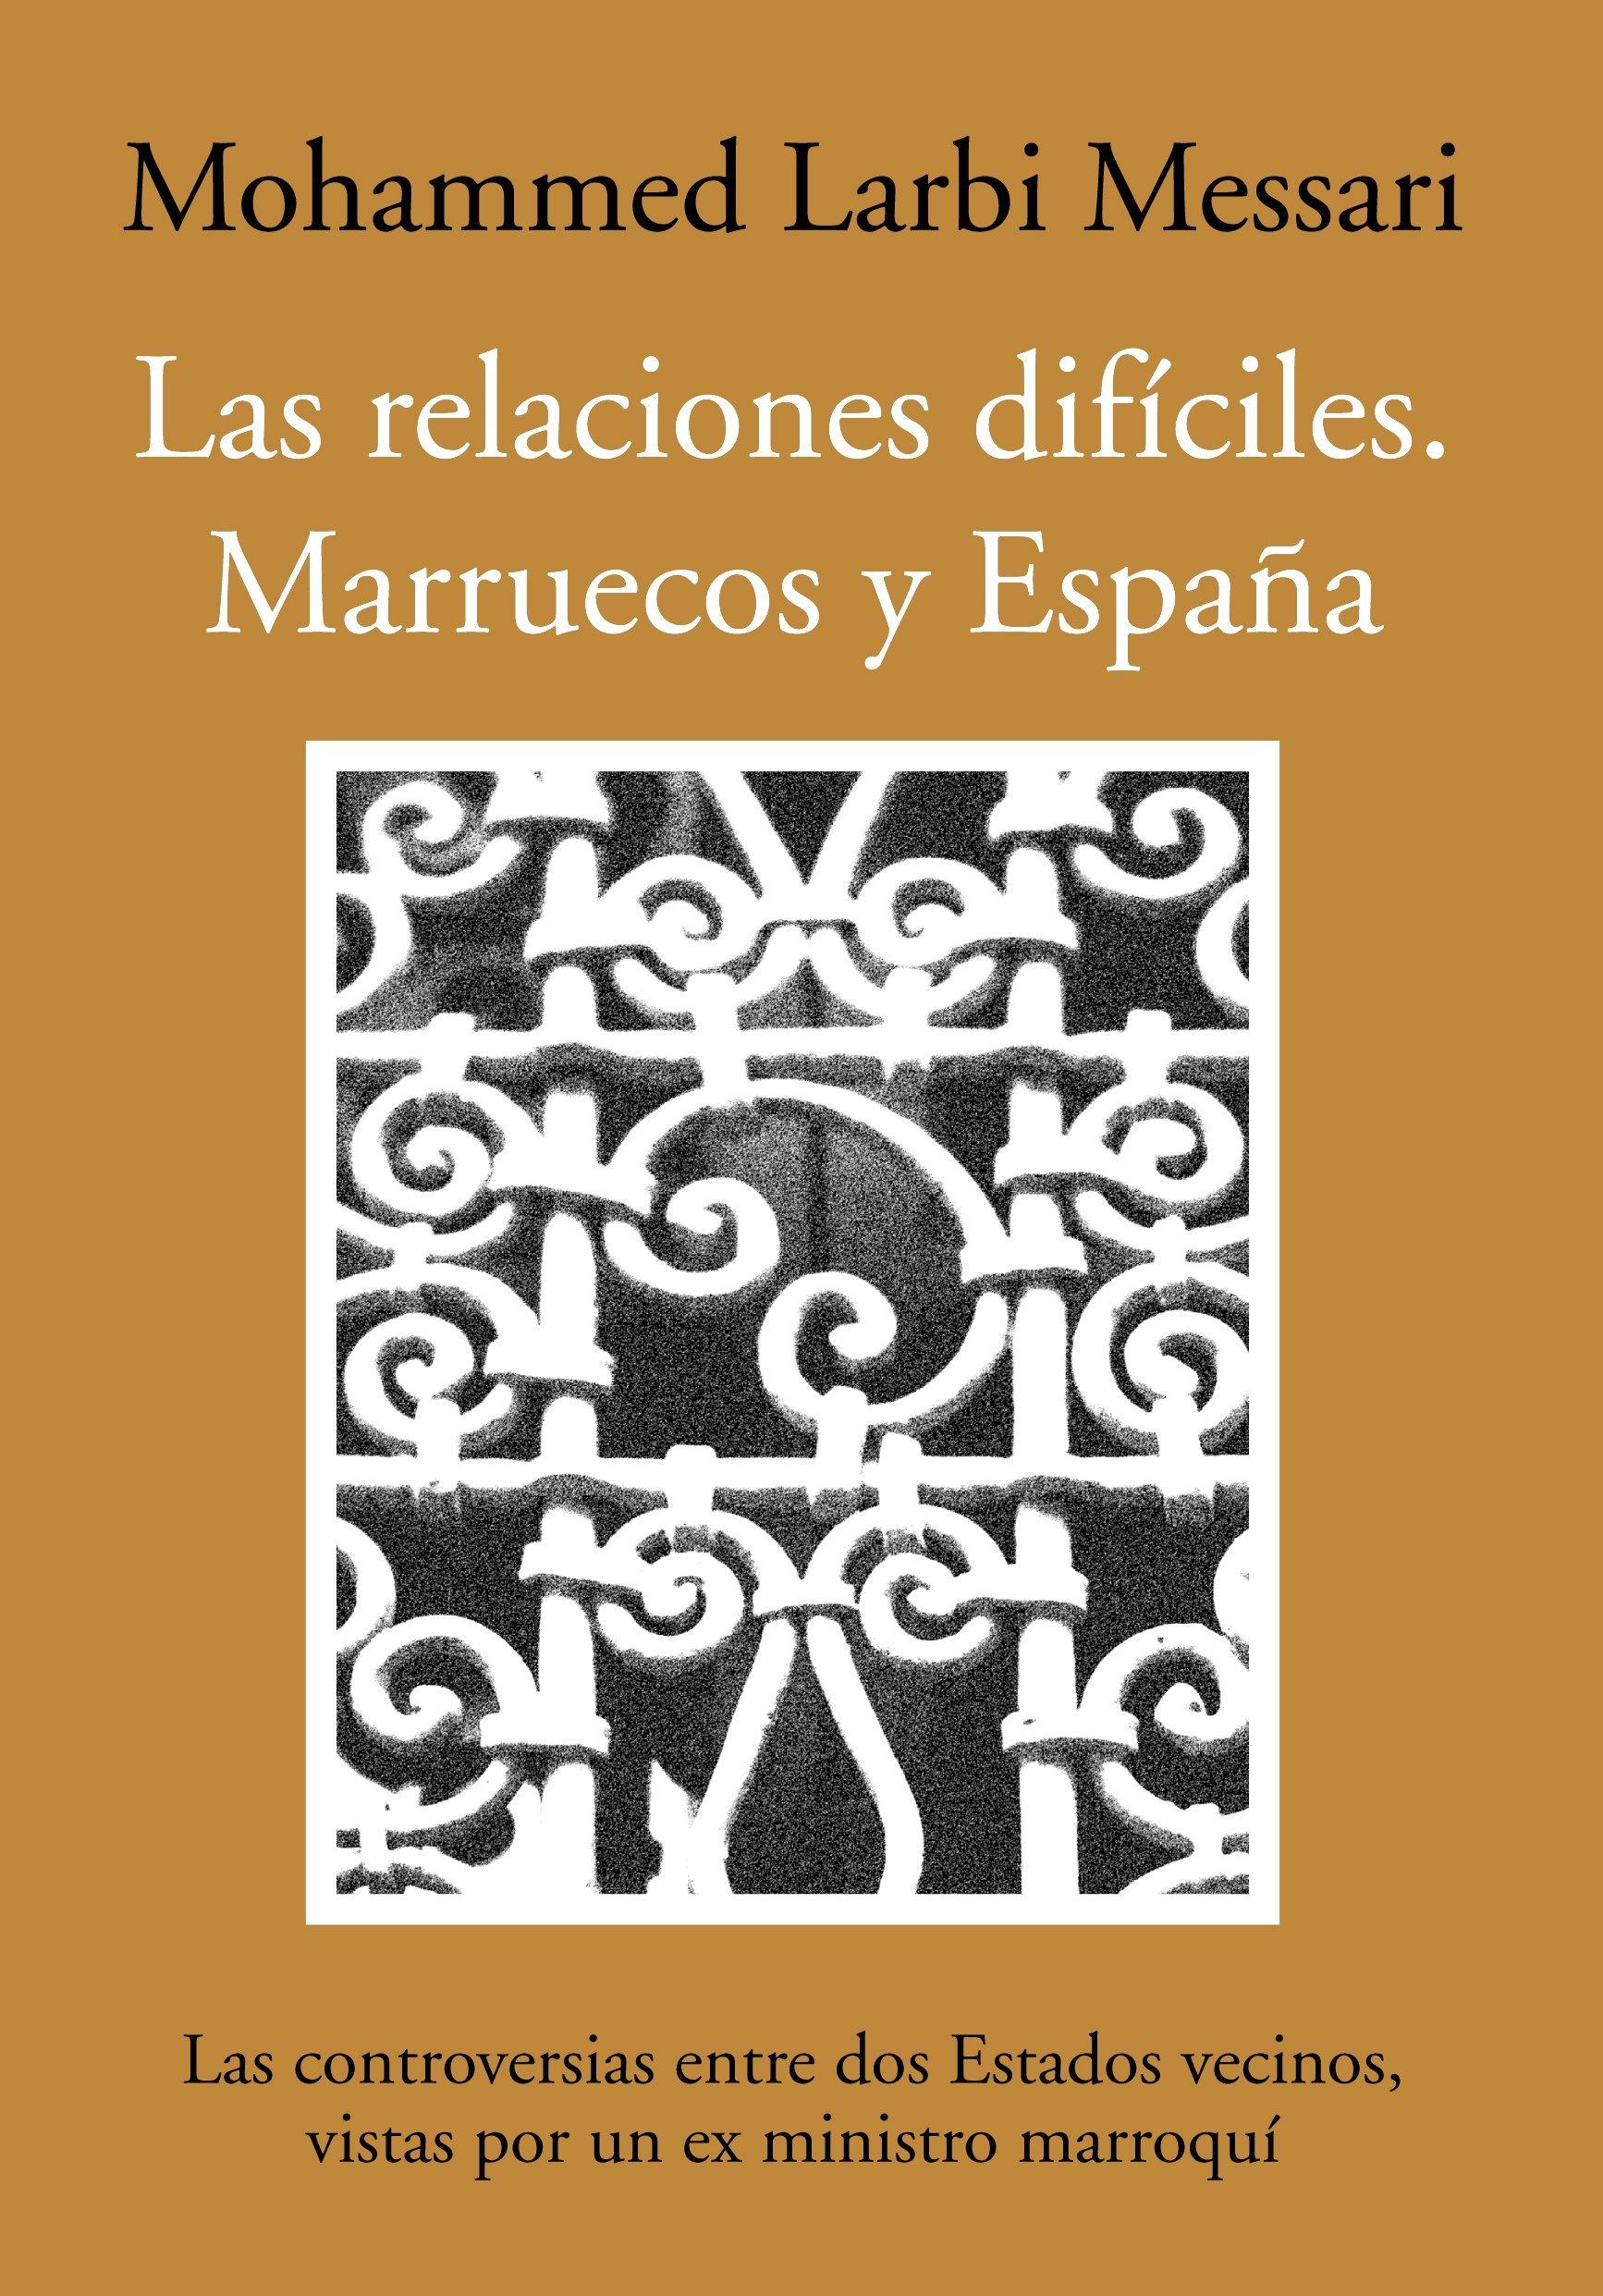 Las relaciones difíciles. Marruecos y España: Las controversias entre dos Estados vecinos, vistas por un ex ministro marroquí Ensayo almuzara: Amazon.es: Larbi Messari, Mohamed: Libros